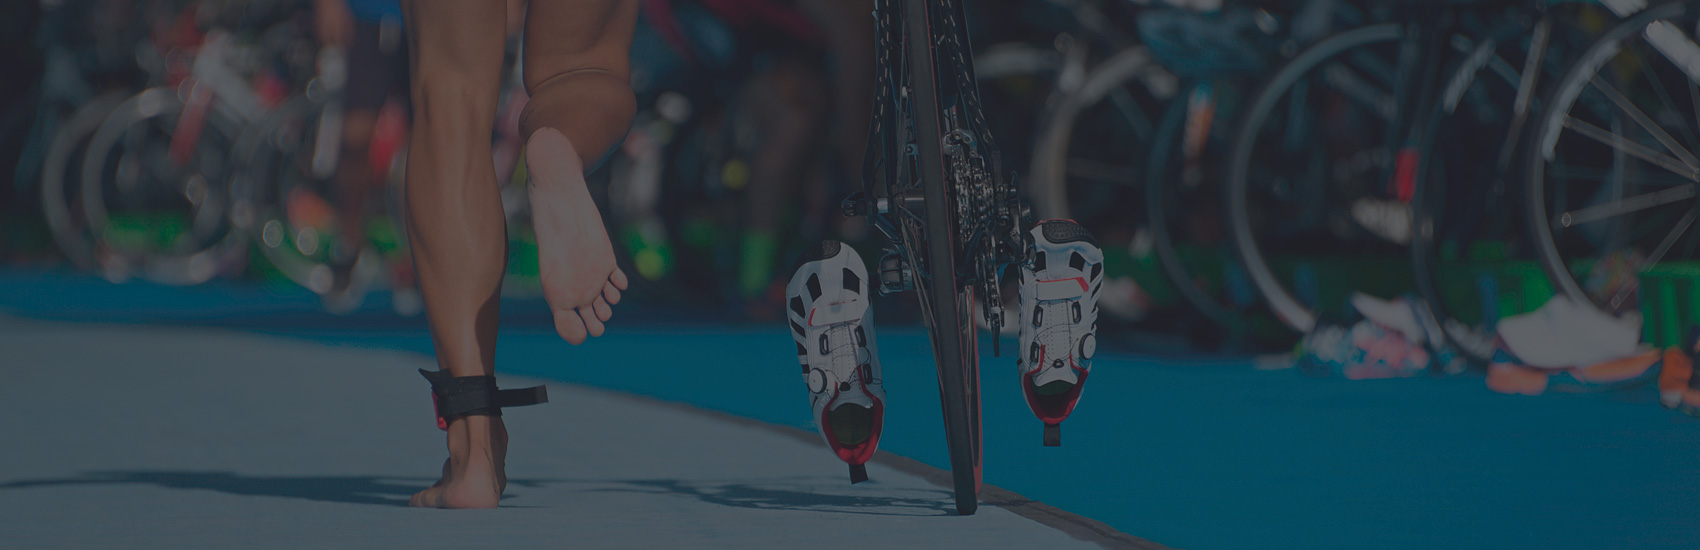 1500 athlètes au Triathlon de Valleyfield